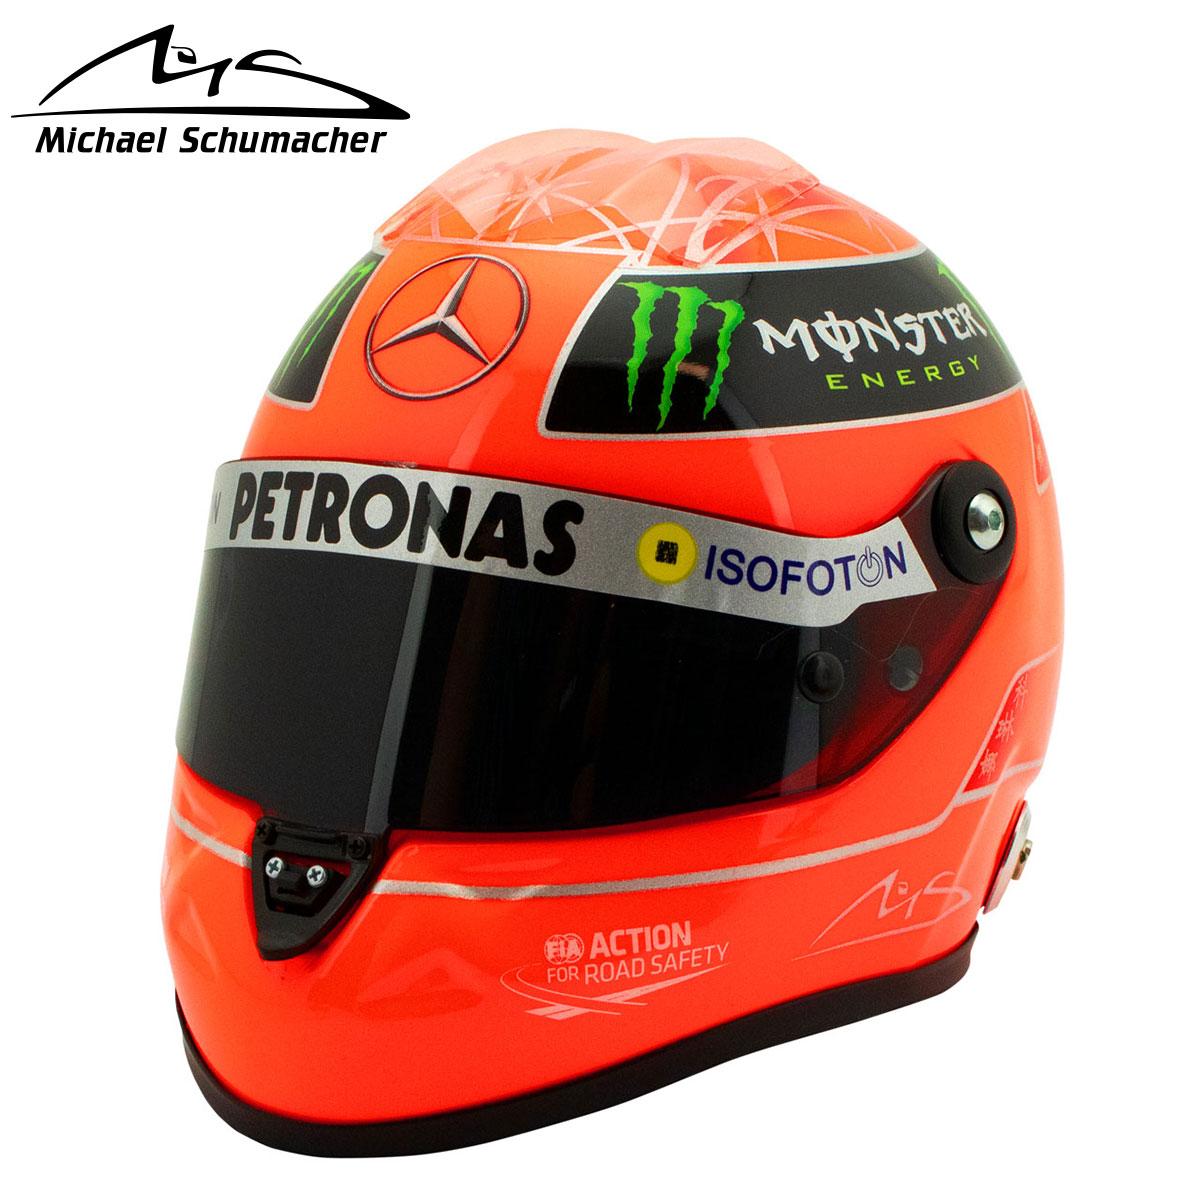 【ミハエル シューマッハ/Michael Schumacher】シューベルト 1/2スケール ミハエル・シューマッハ 2012 ヘルメット MICHAEL SCHUMACHER MERCEDES GP FORMEL 1 2012 HELMET 1:2